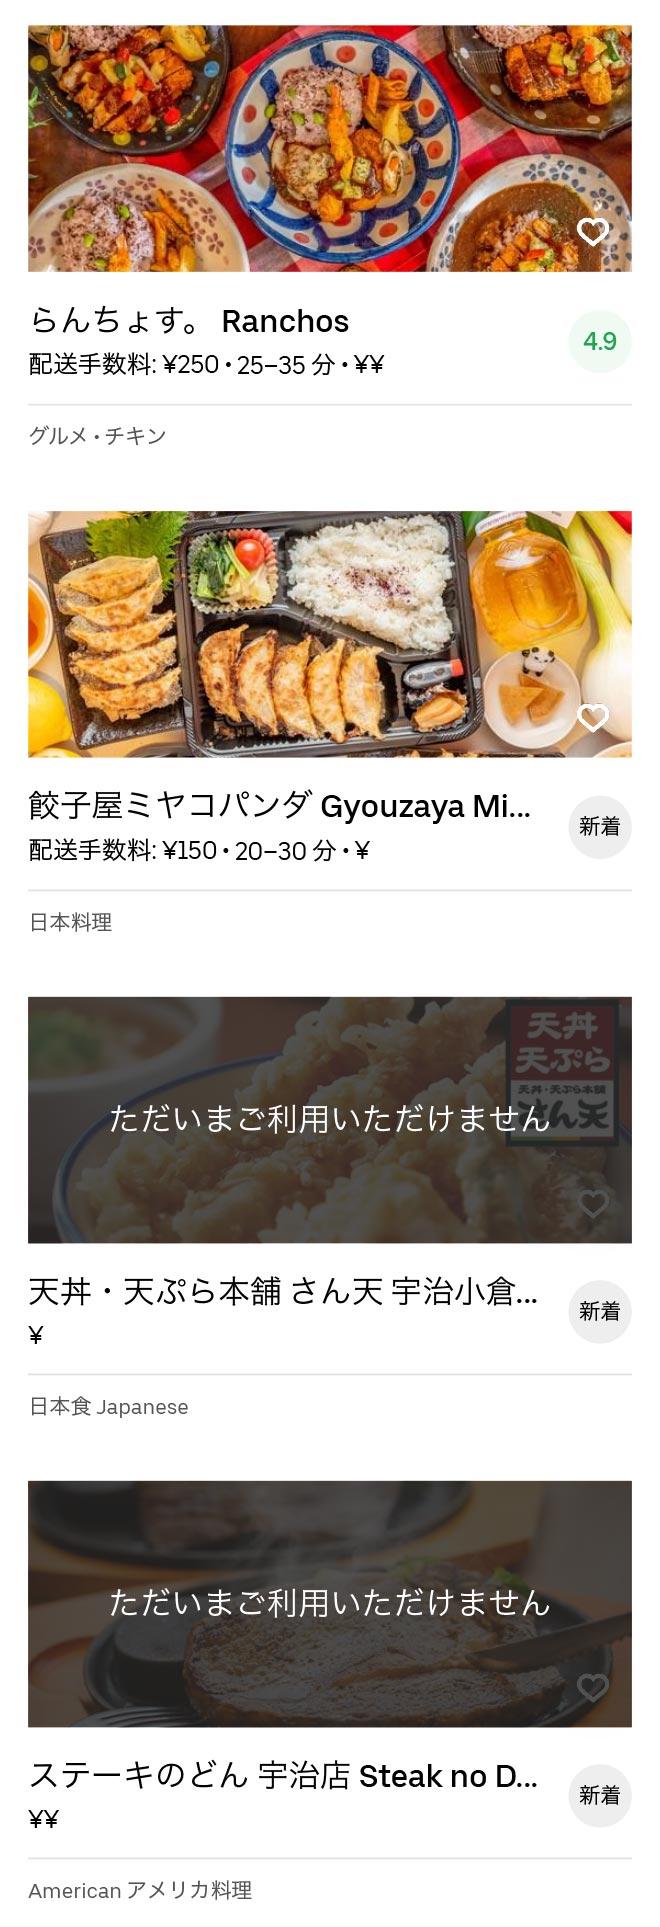 Uji ogura menu 2005 04